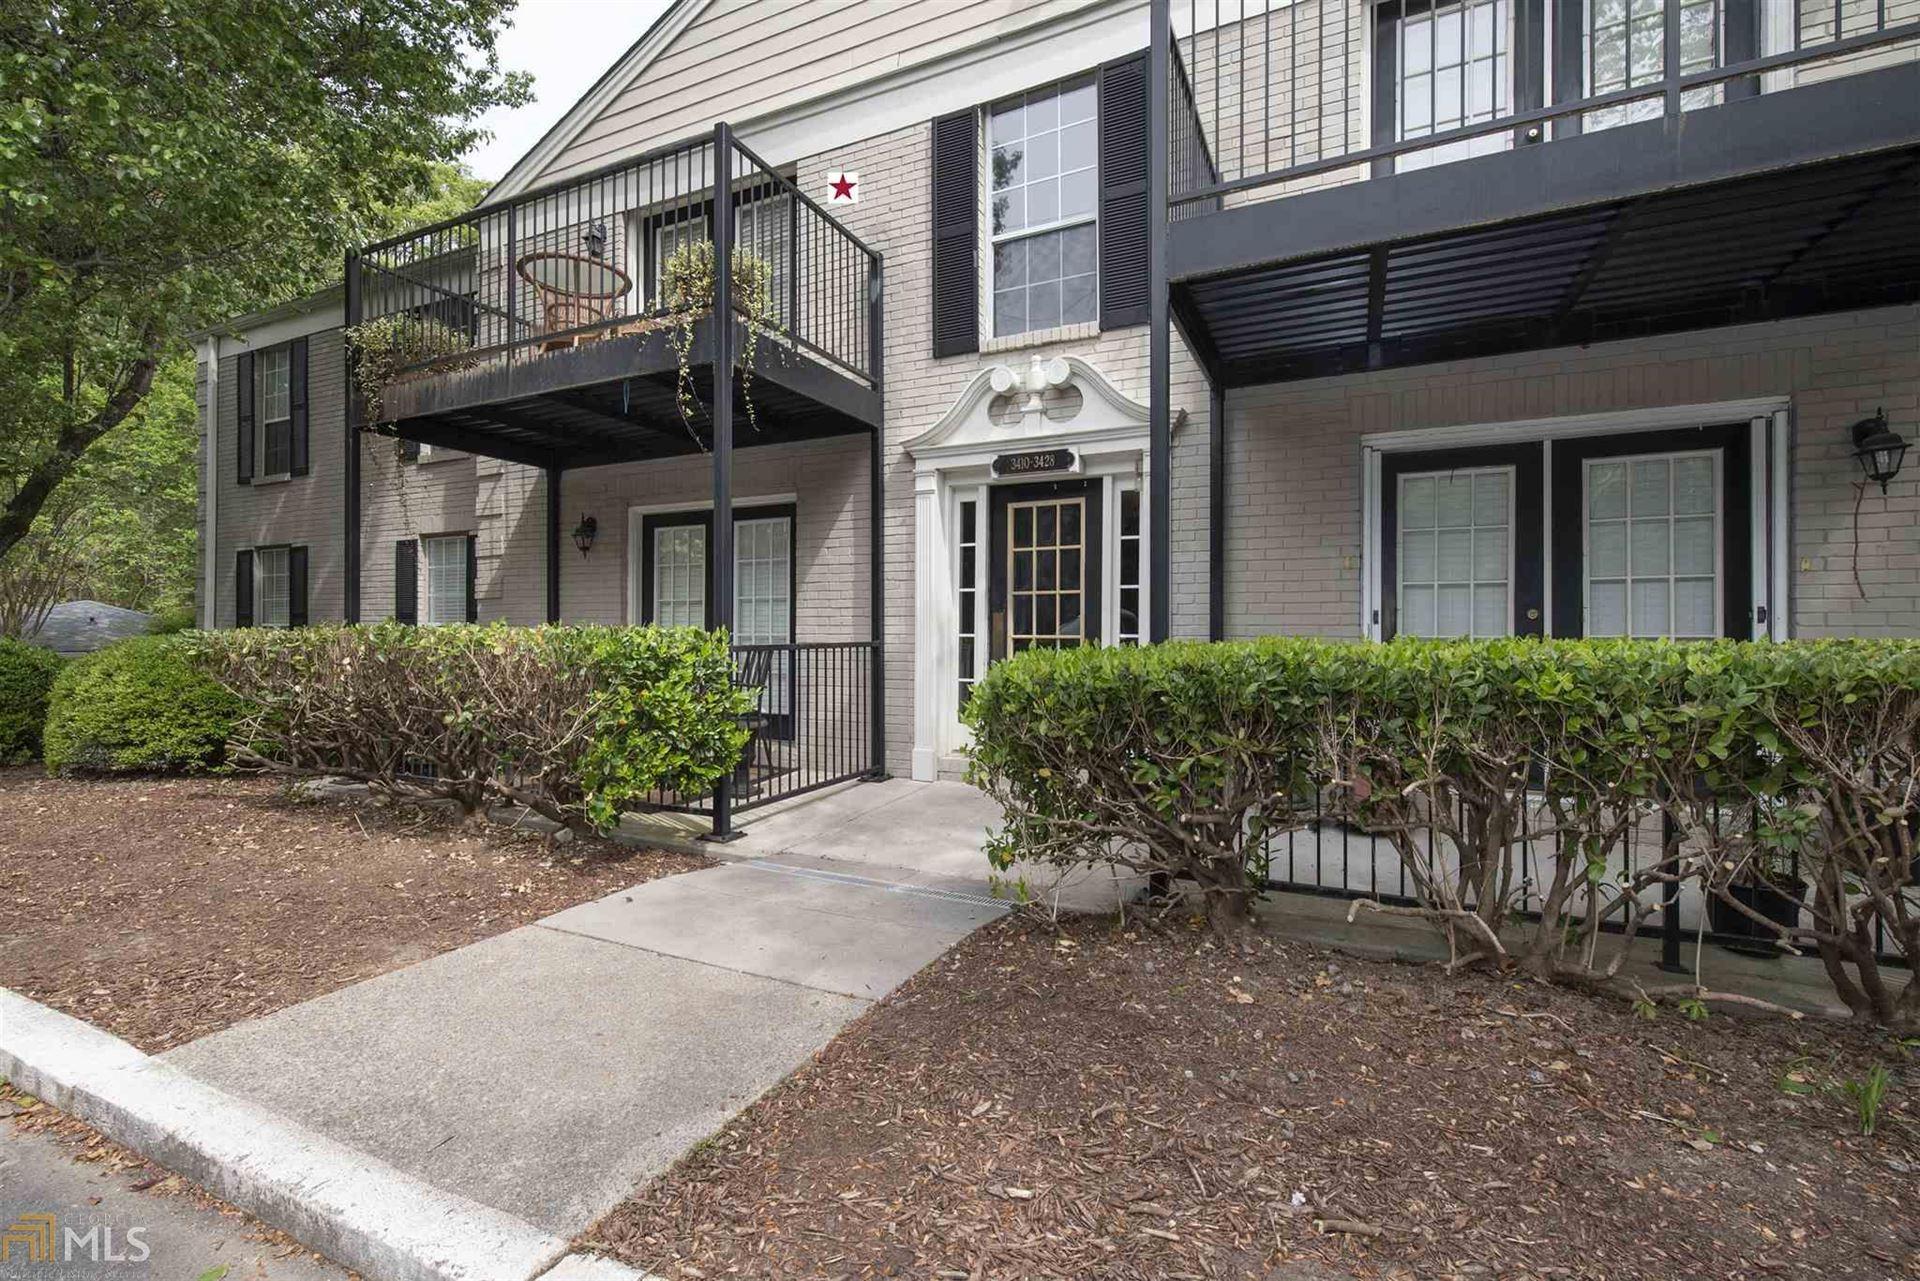 3422 Essex Ave, Atlanta, GA 30339 - #: 8962360